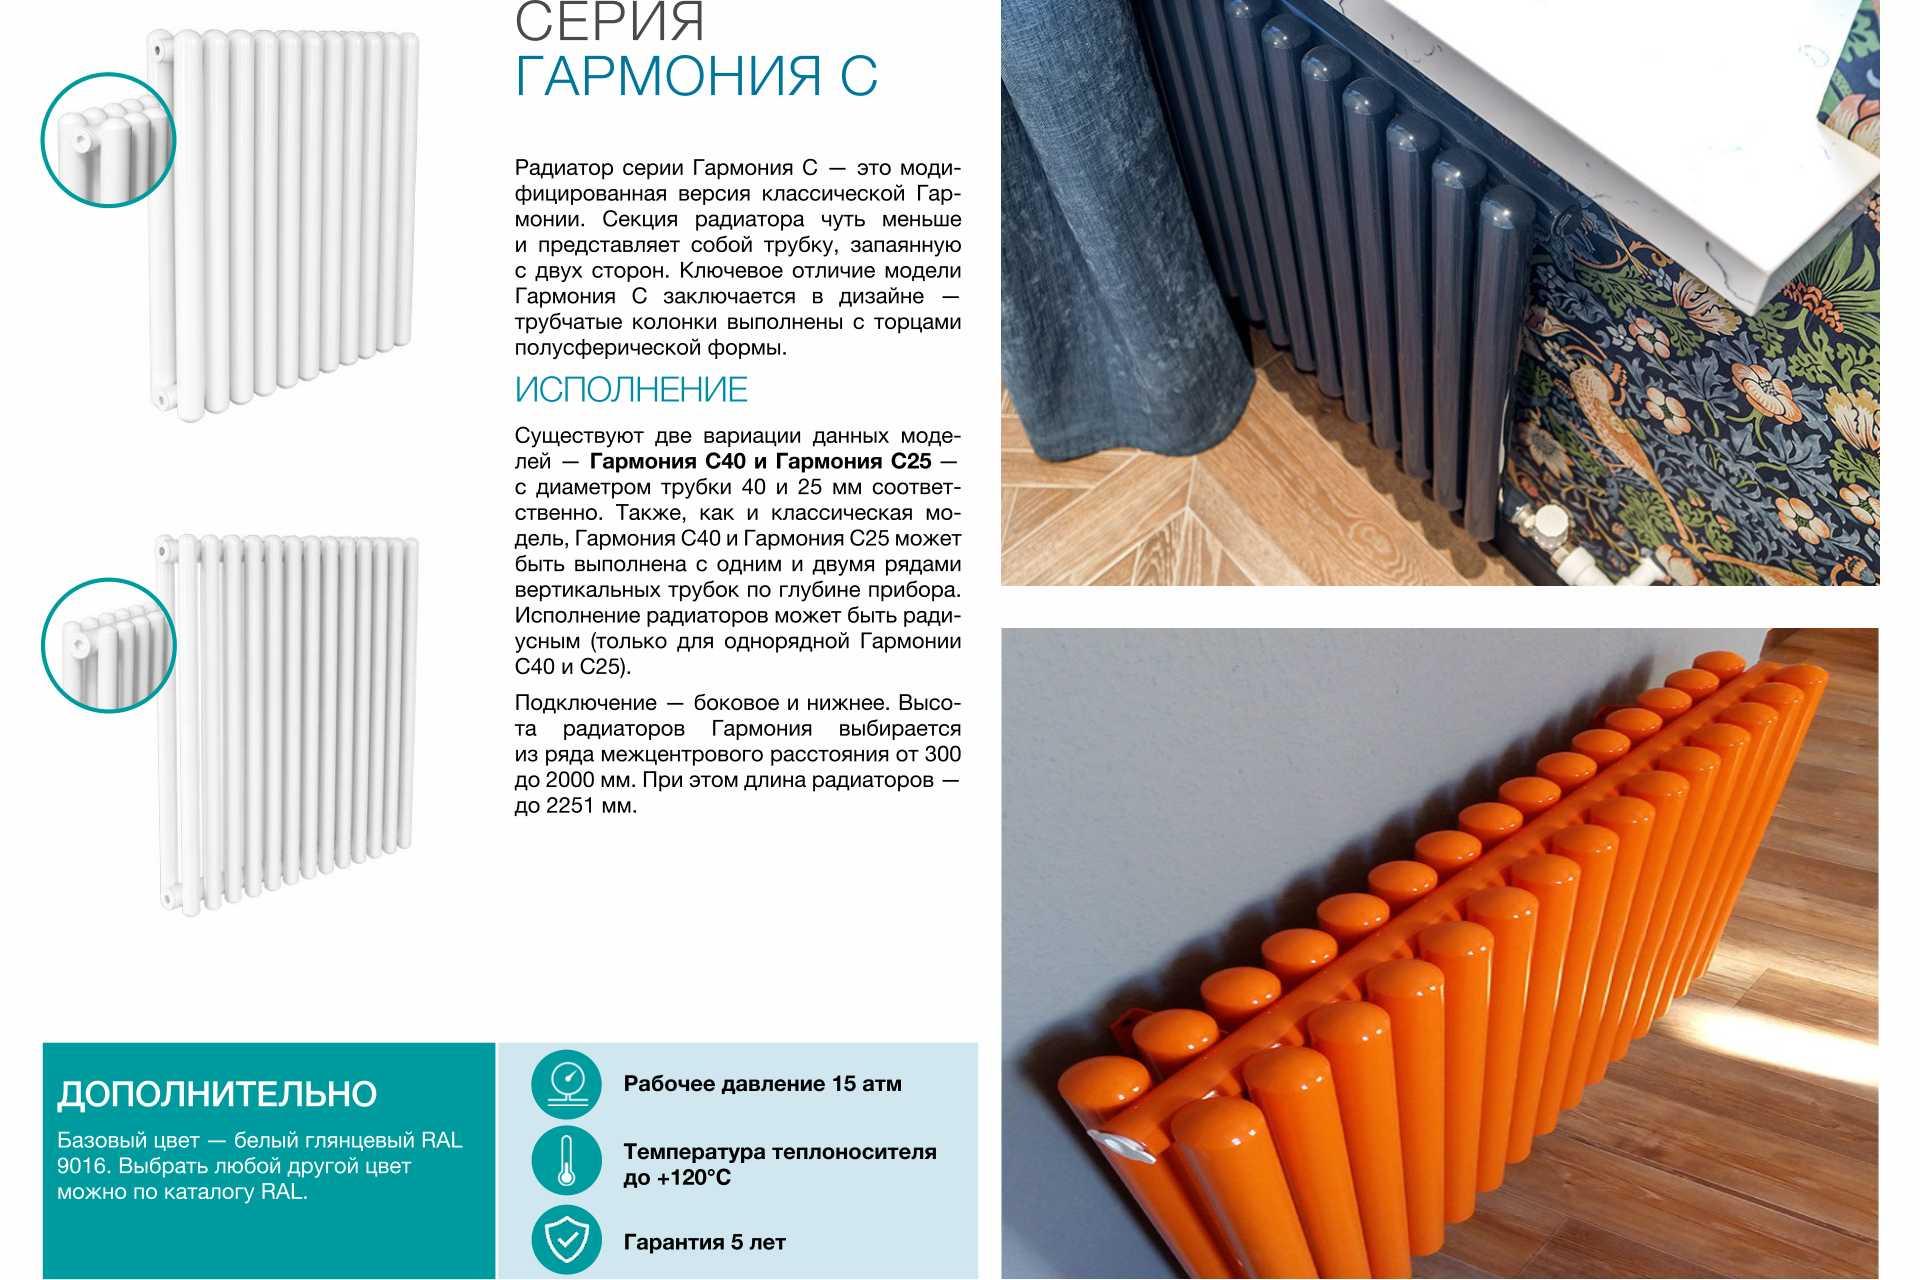 Не только прогревают, но и украшают помещение! особенности и установка трубчатых радиаторов отопления